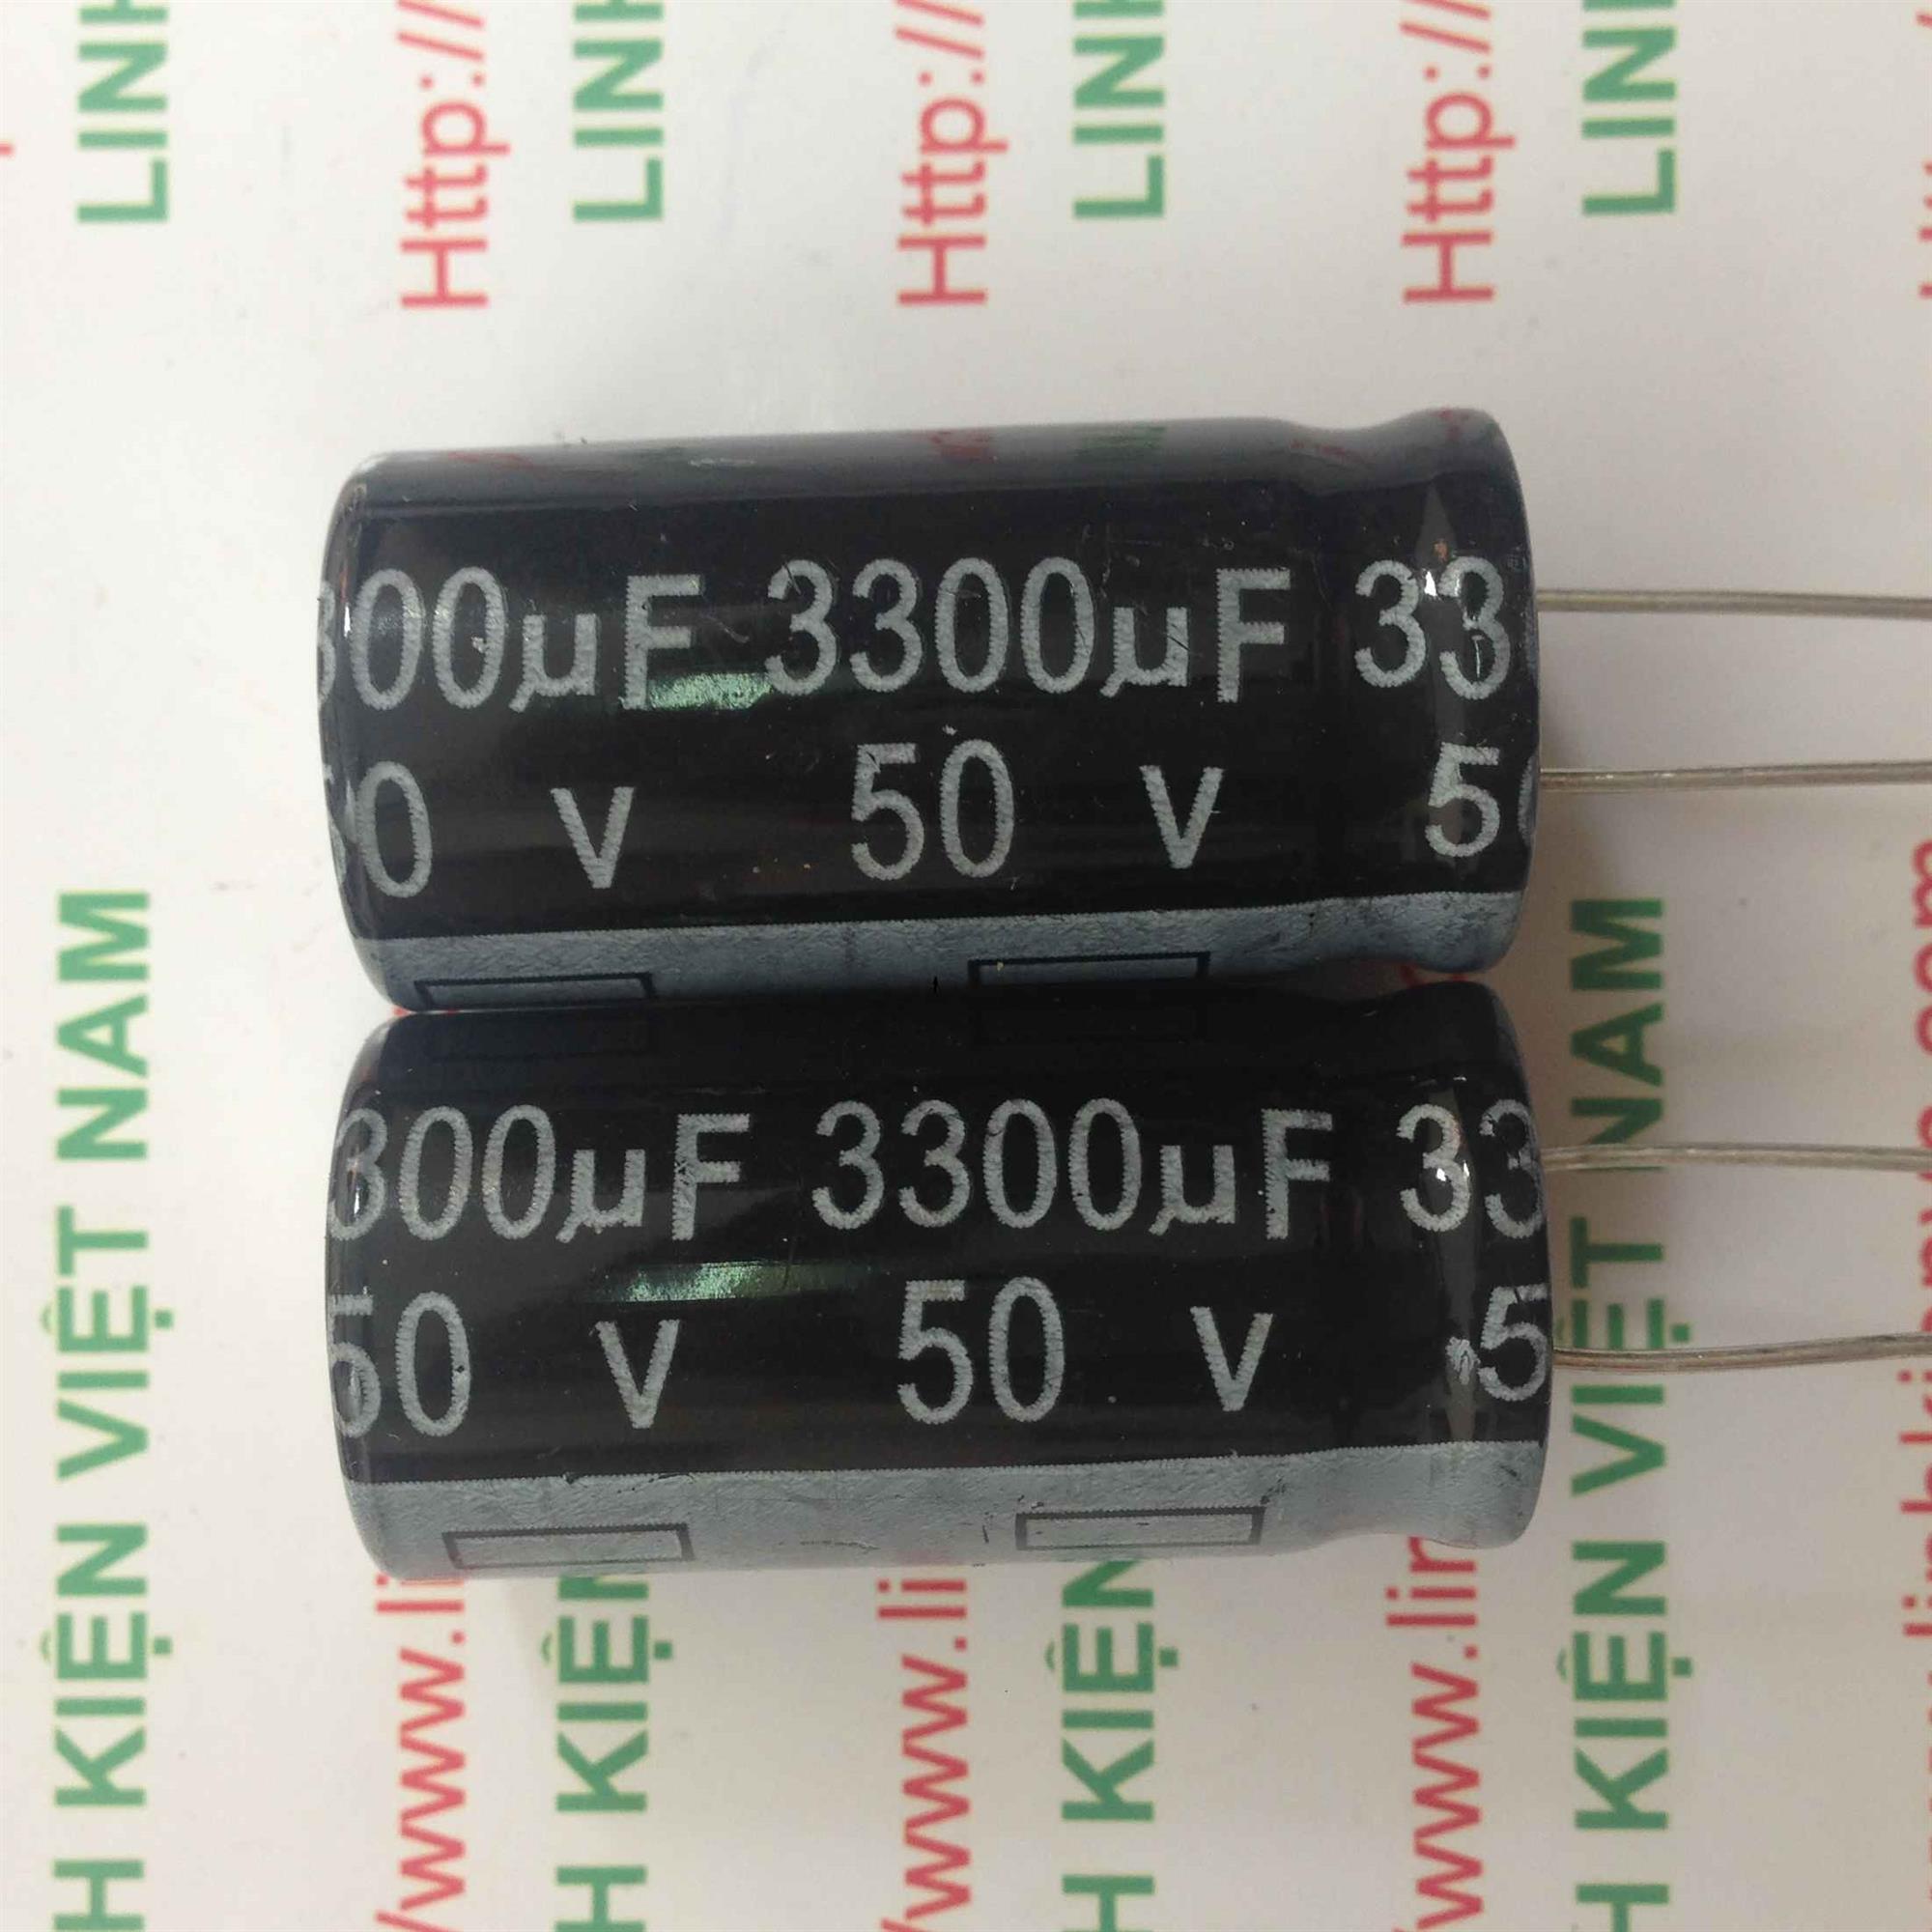 Tụ Hóa 3300uF-50V / Tụ Hóa 50V 3300uF / Tụ 3300uF 50V - A7H4